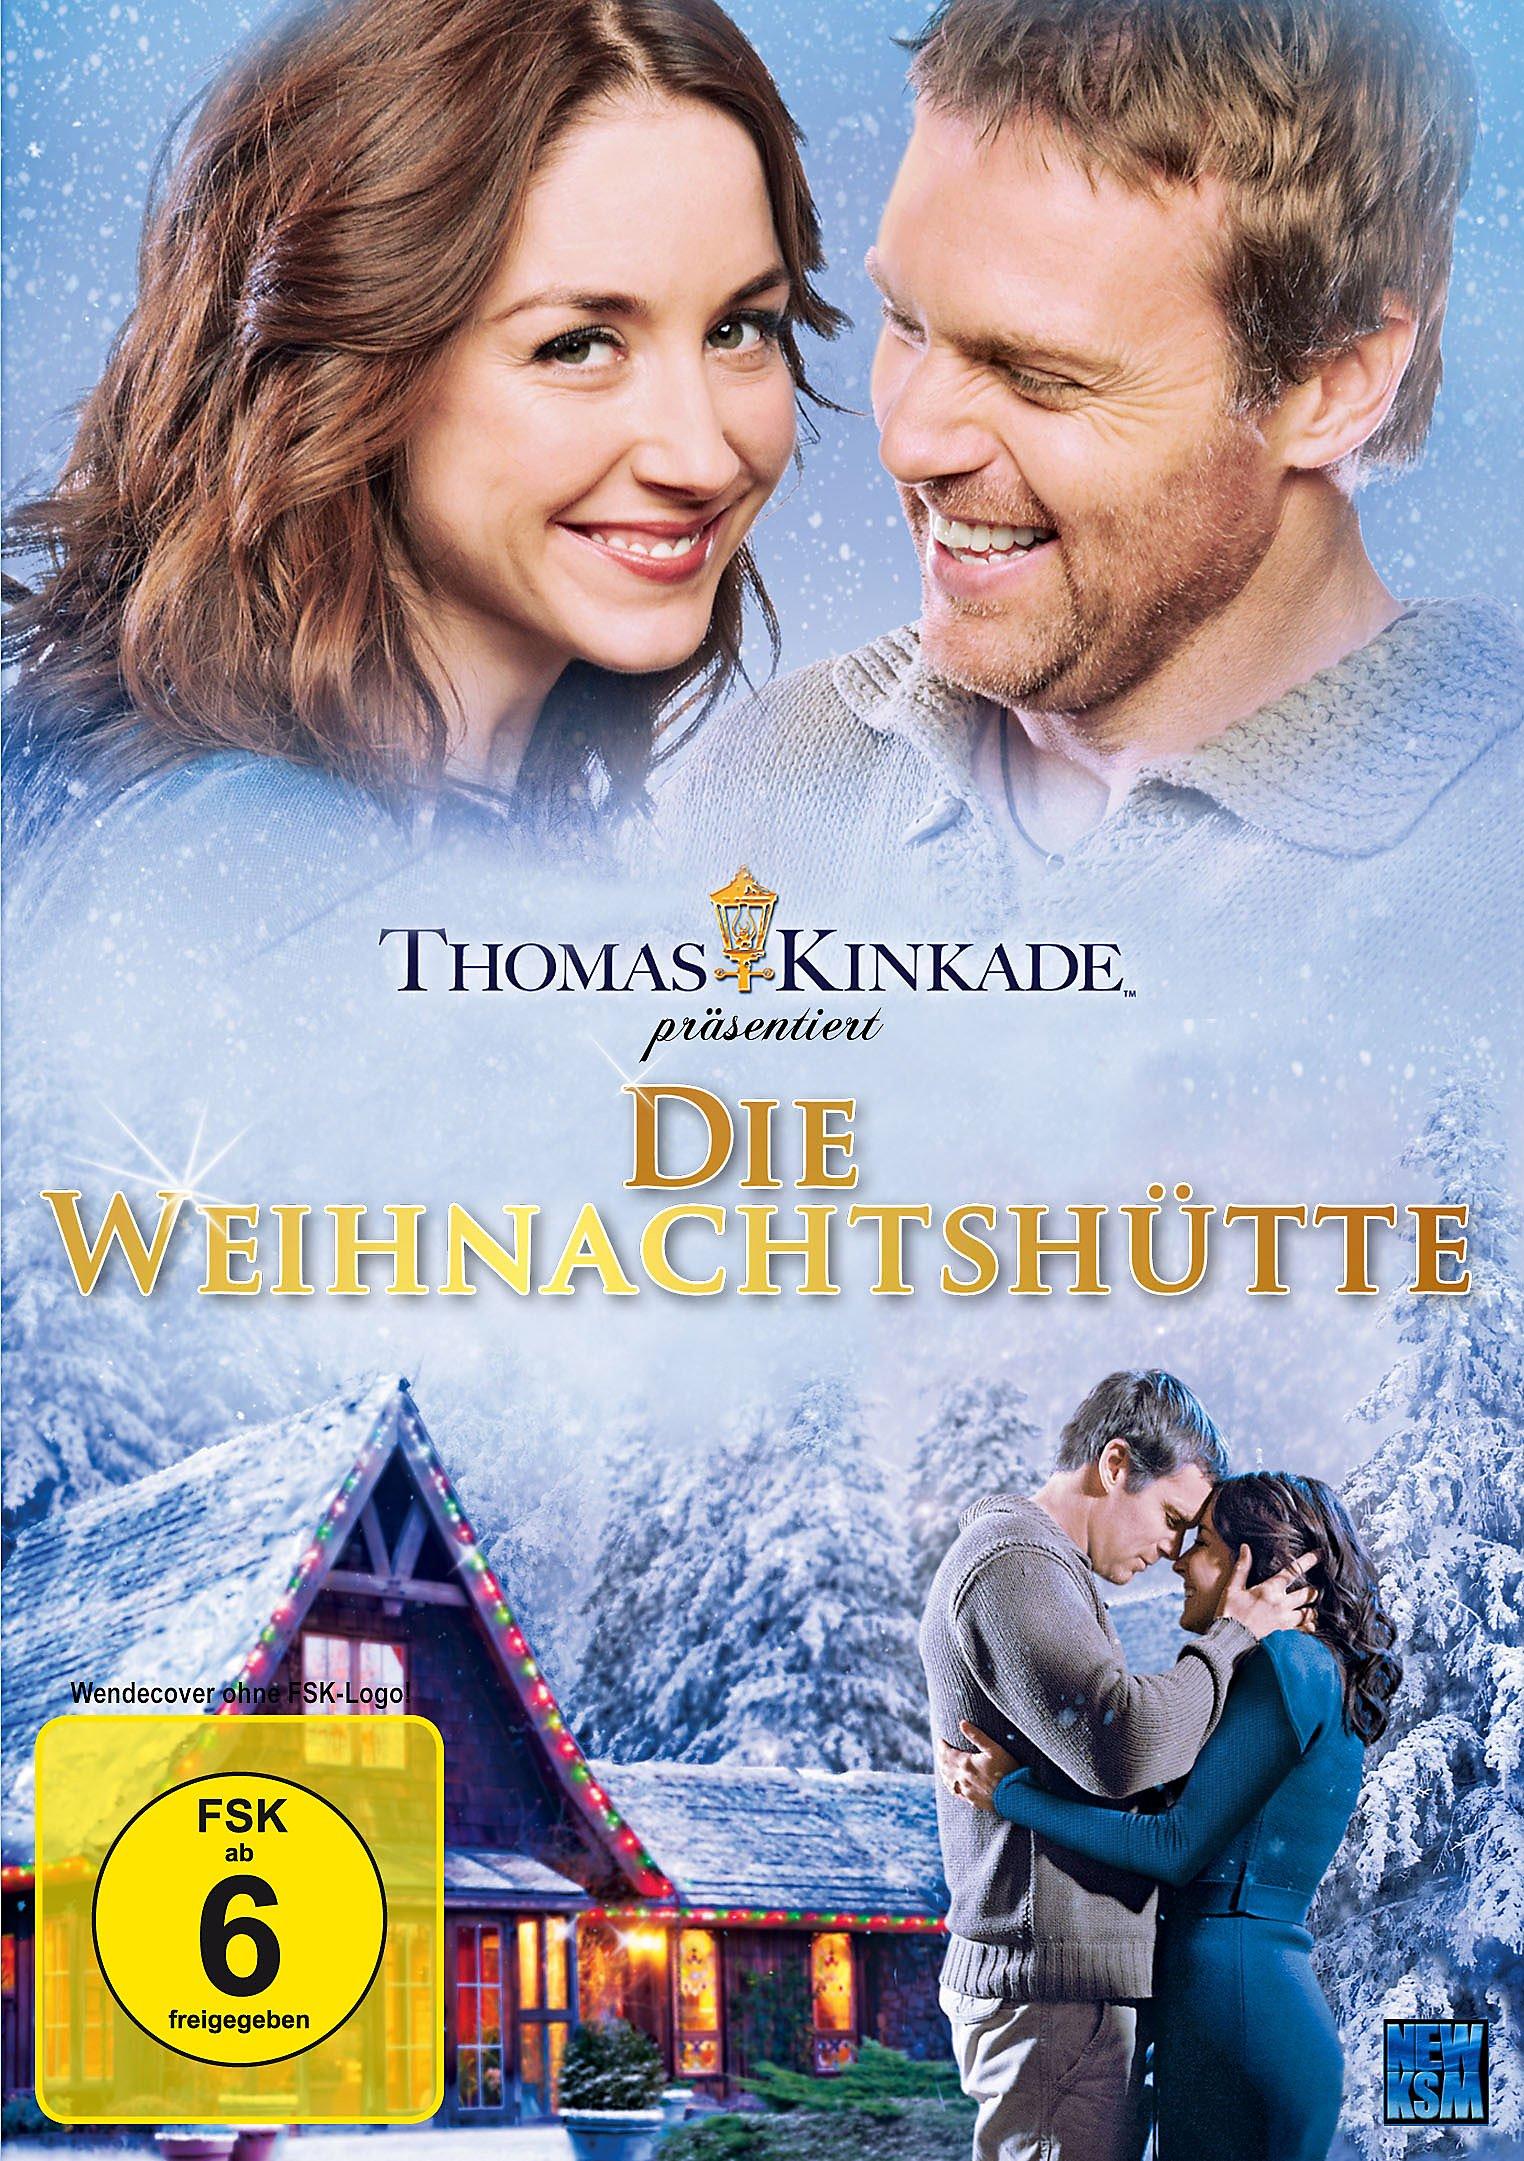 Die Weihnachtshütte DVD jetzt bei Weltbild.de online bestellen